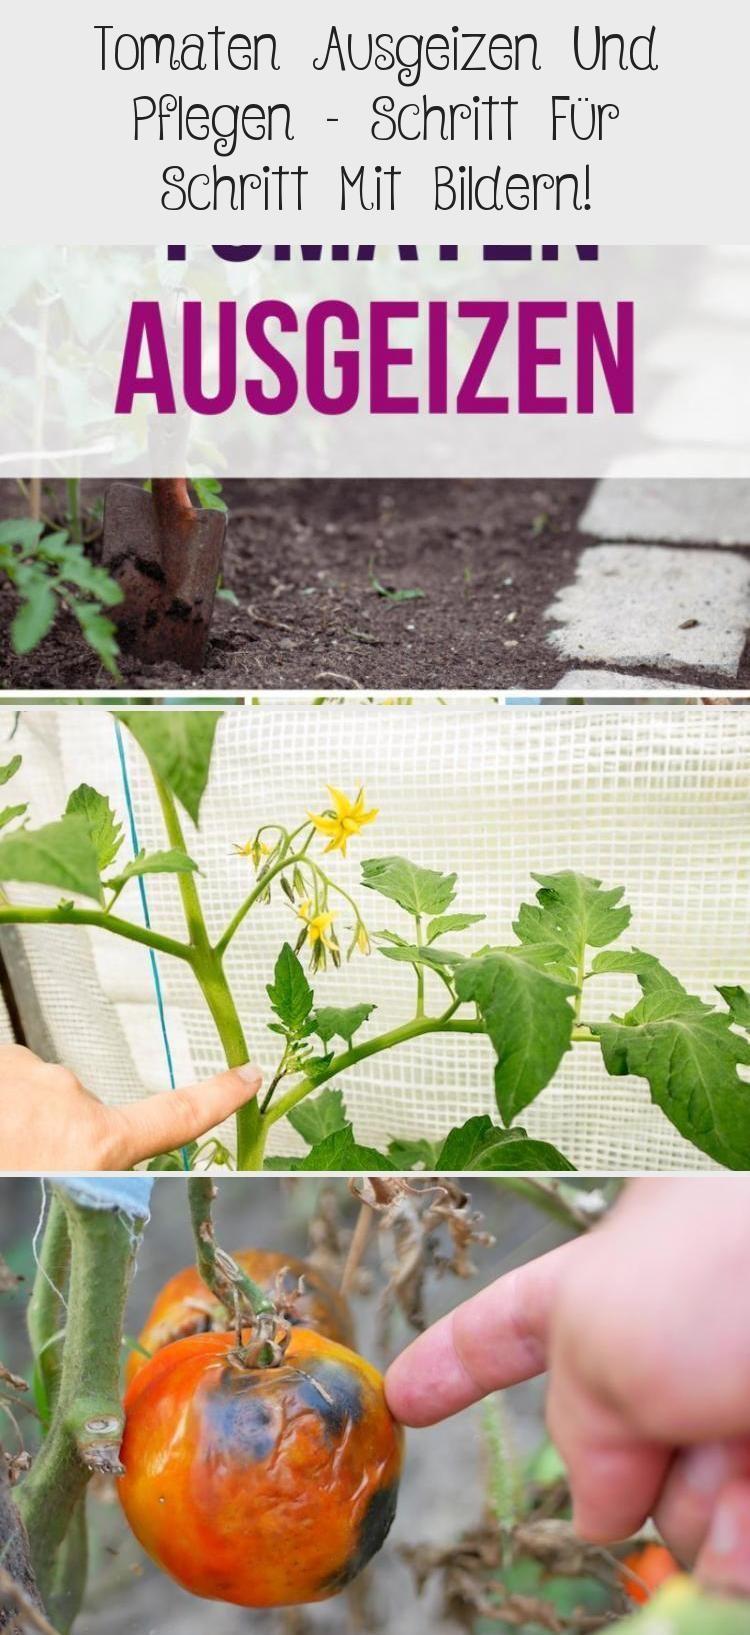 Hochbeet Ideen Einfach In 2020 Tomaten Pflanzen Hochbeet Tomaten